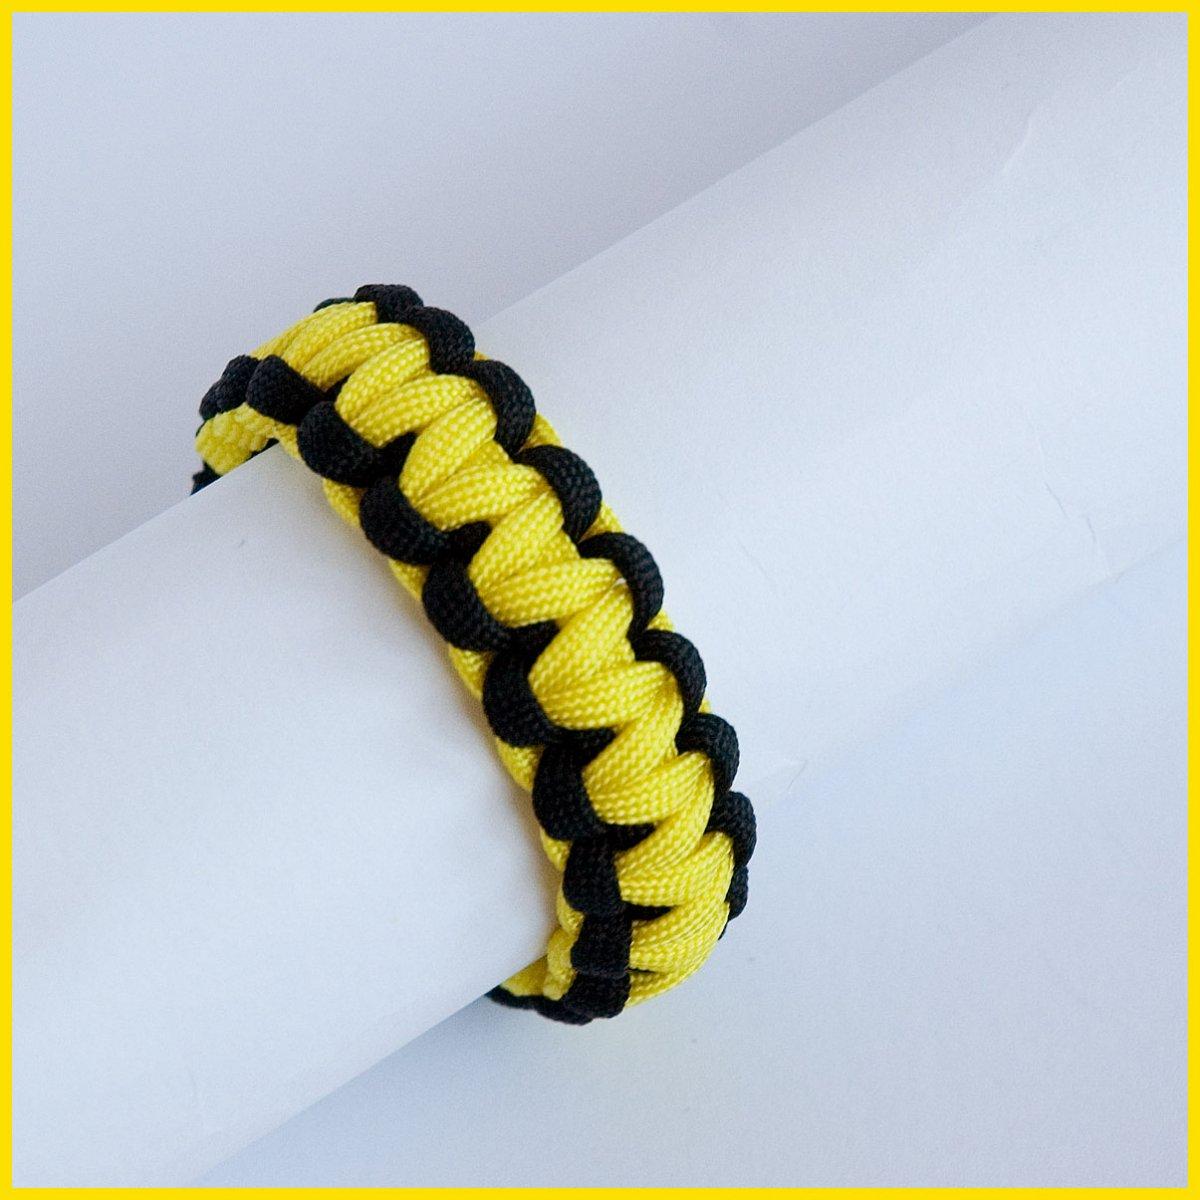 žluto černý neon